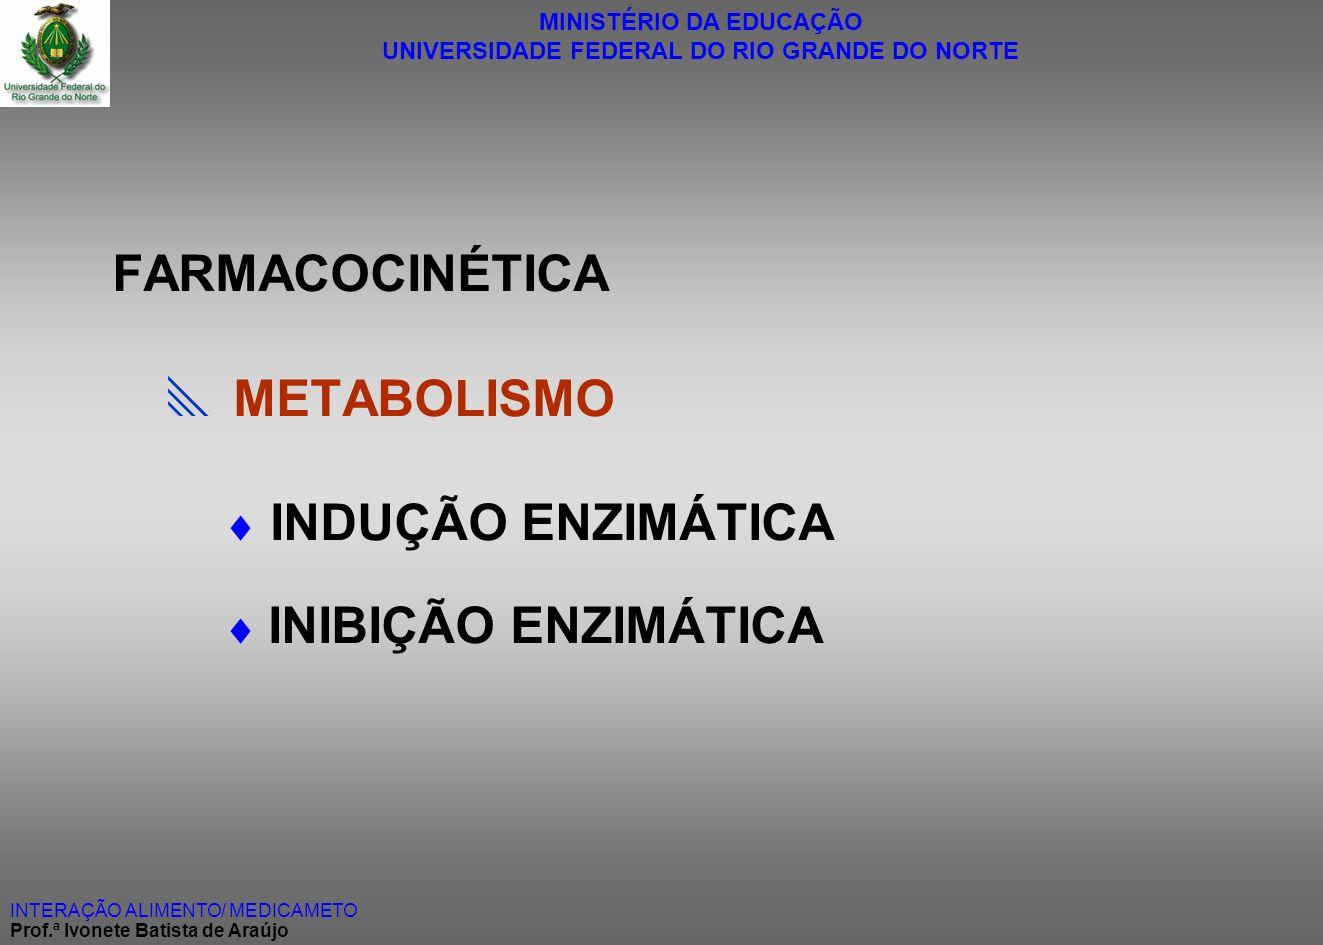 MINISTÉRIO DA EDUCAÇÃO UNIVERSIDADE FEDERAL DO RIO GRANDE DO NORTE INTERAÇÃO ALIMENTO/ MEDICAMETO Prof.ª Ivonete Batista de Araújo FARMACOCINÉTICA MET